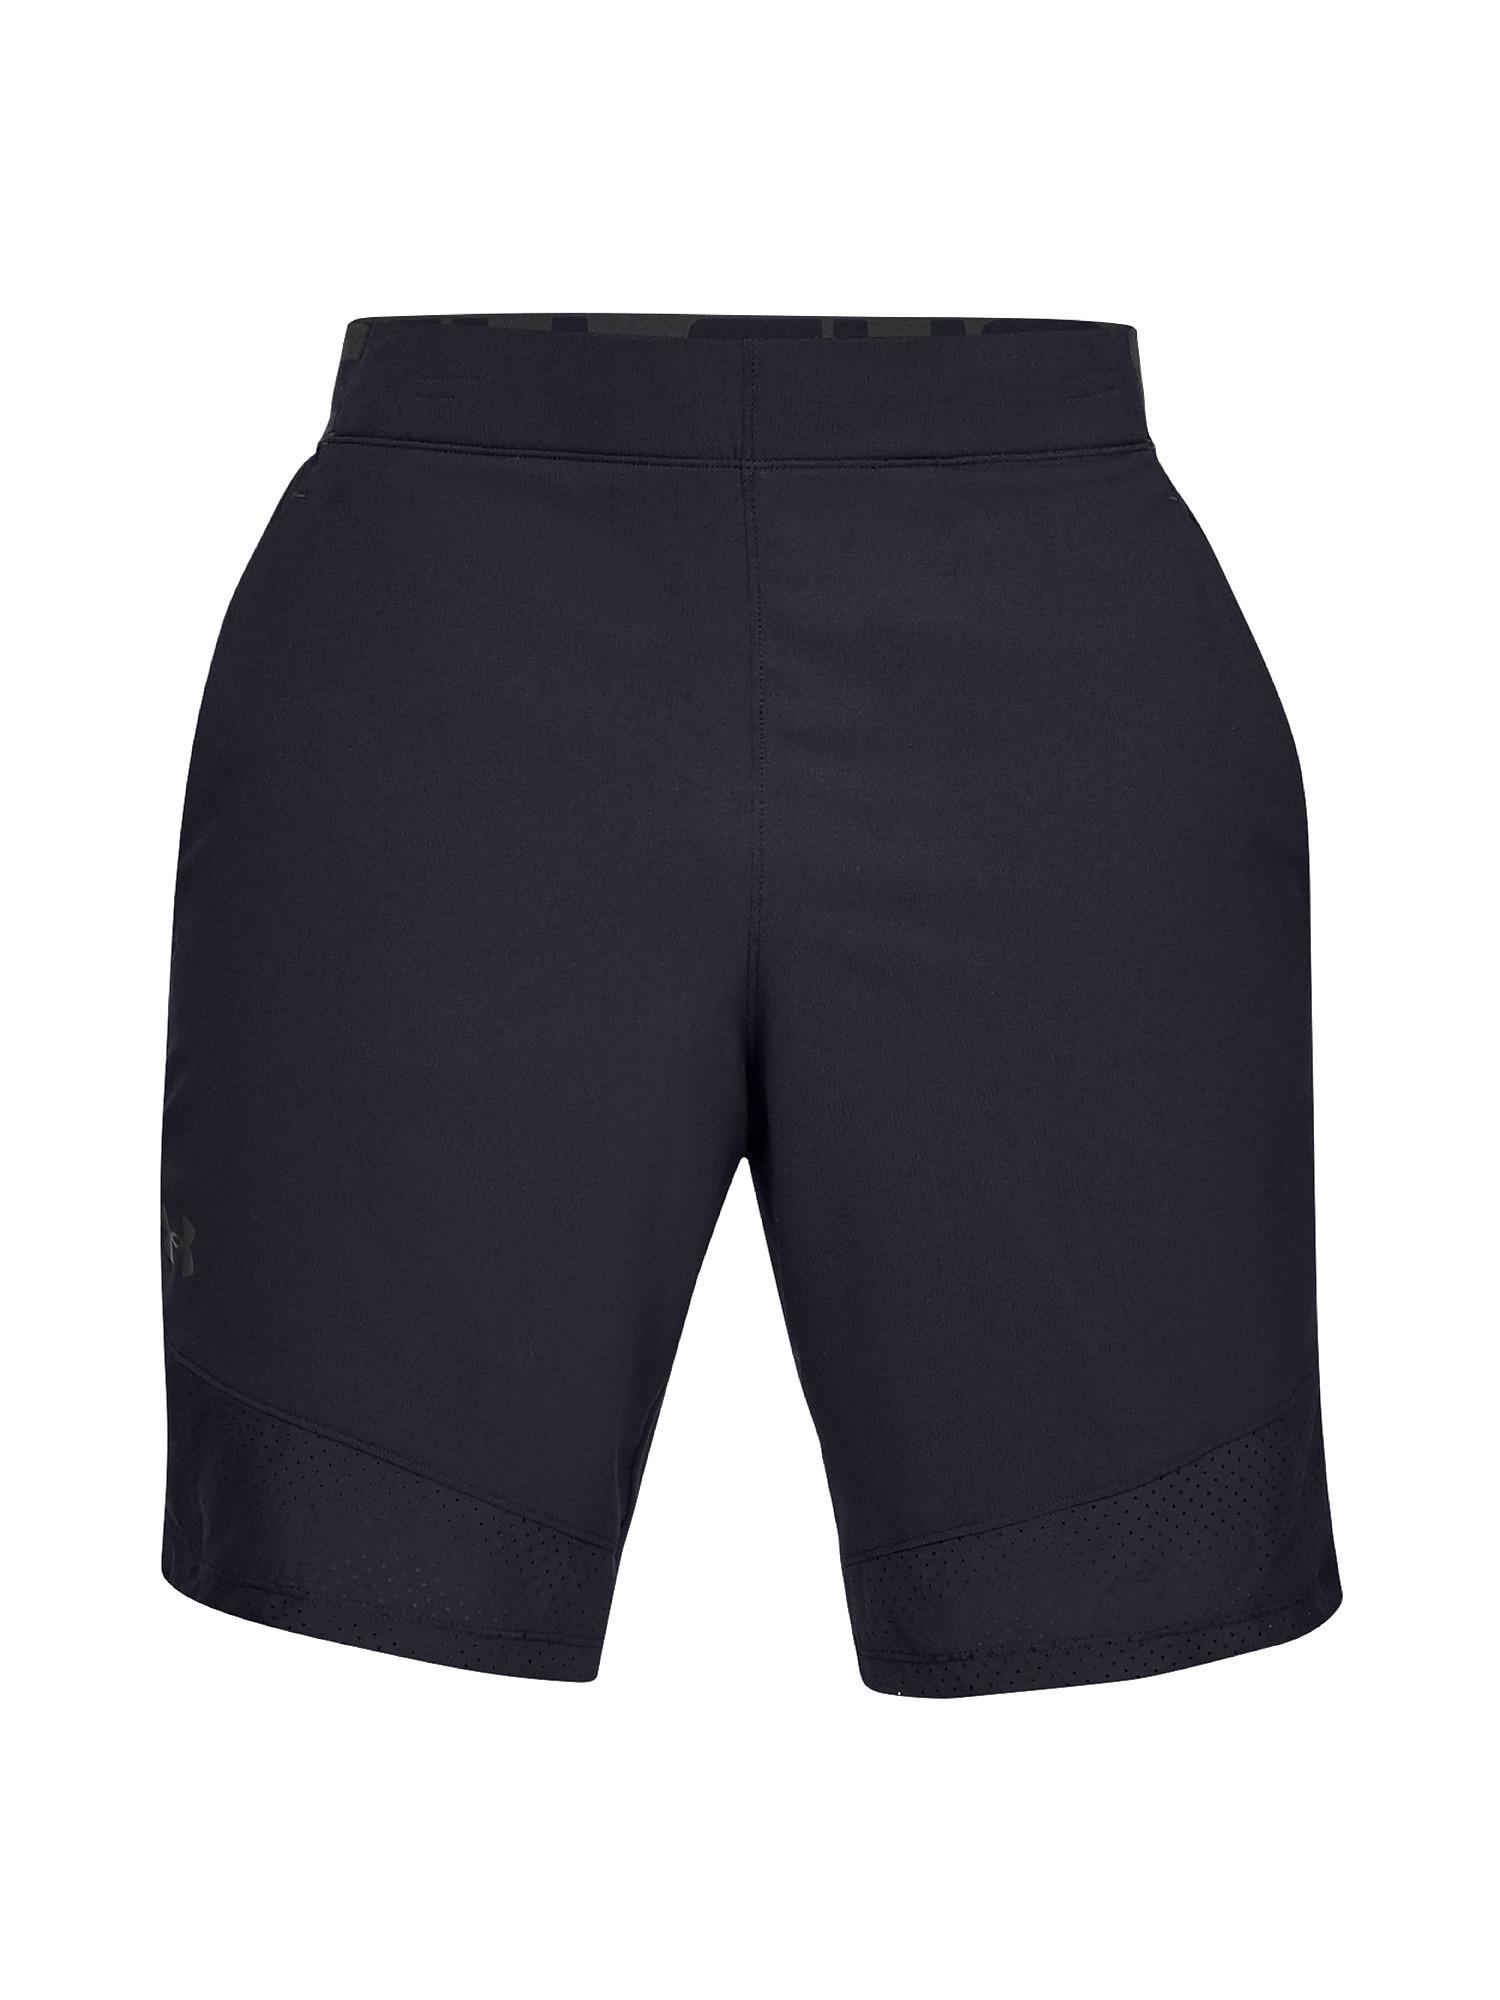 Shorts da uomo, Nero, large image number 1